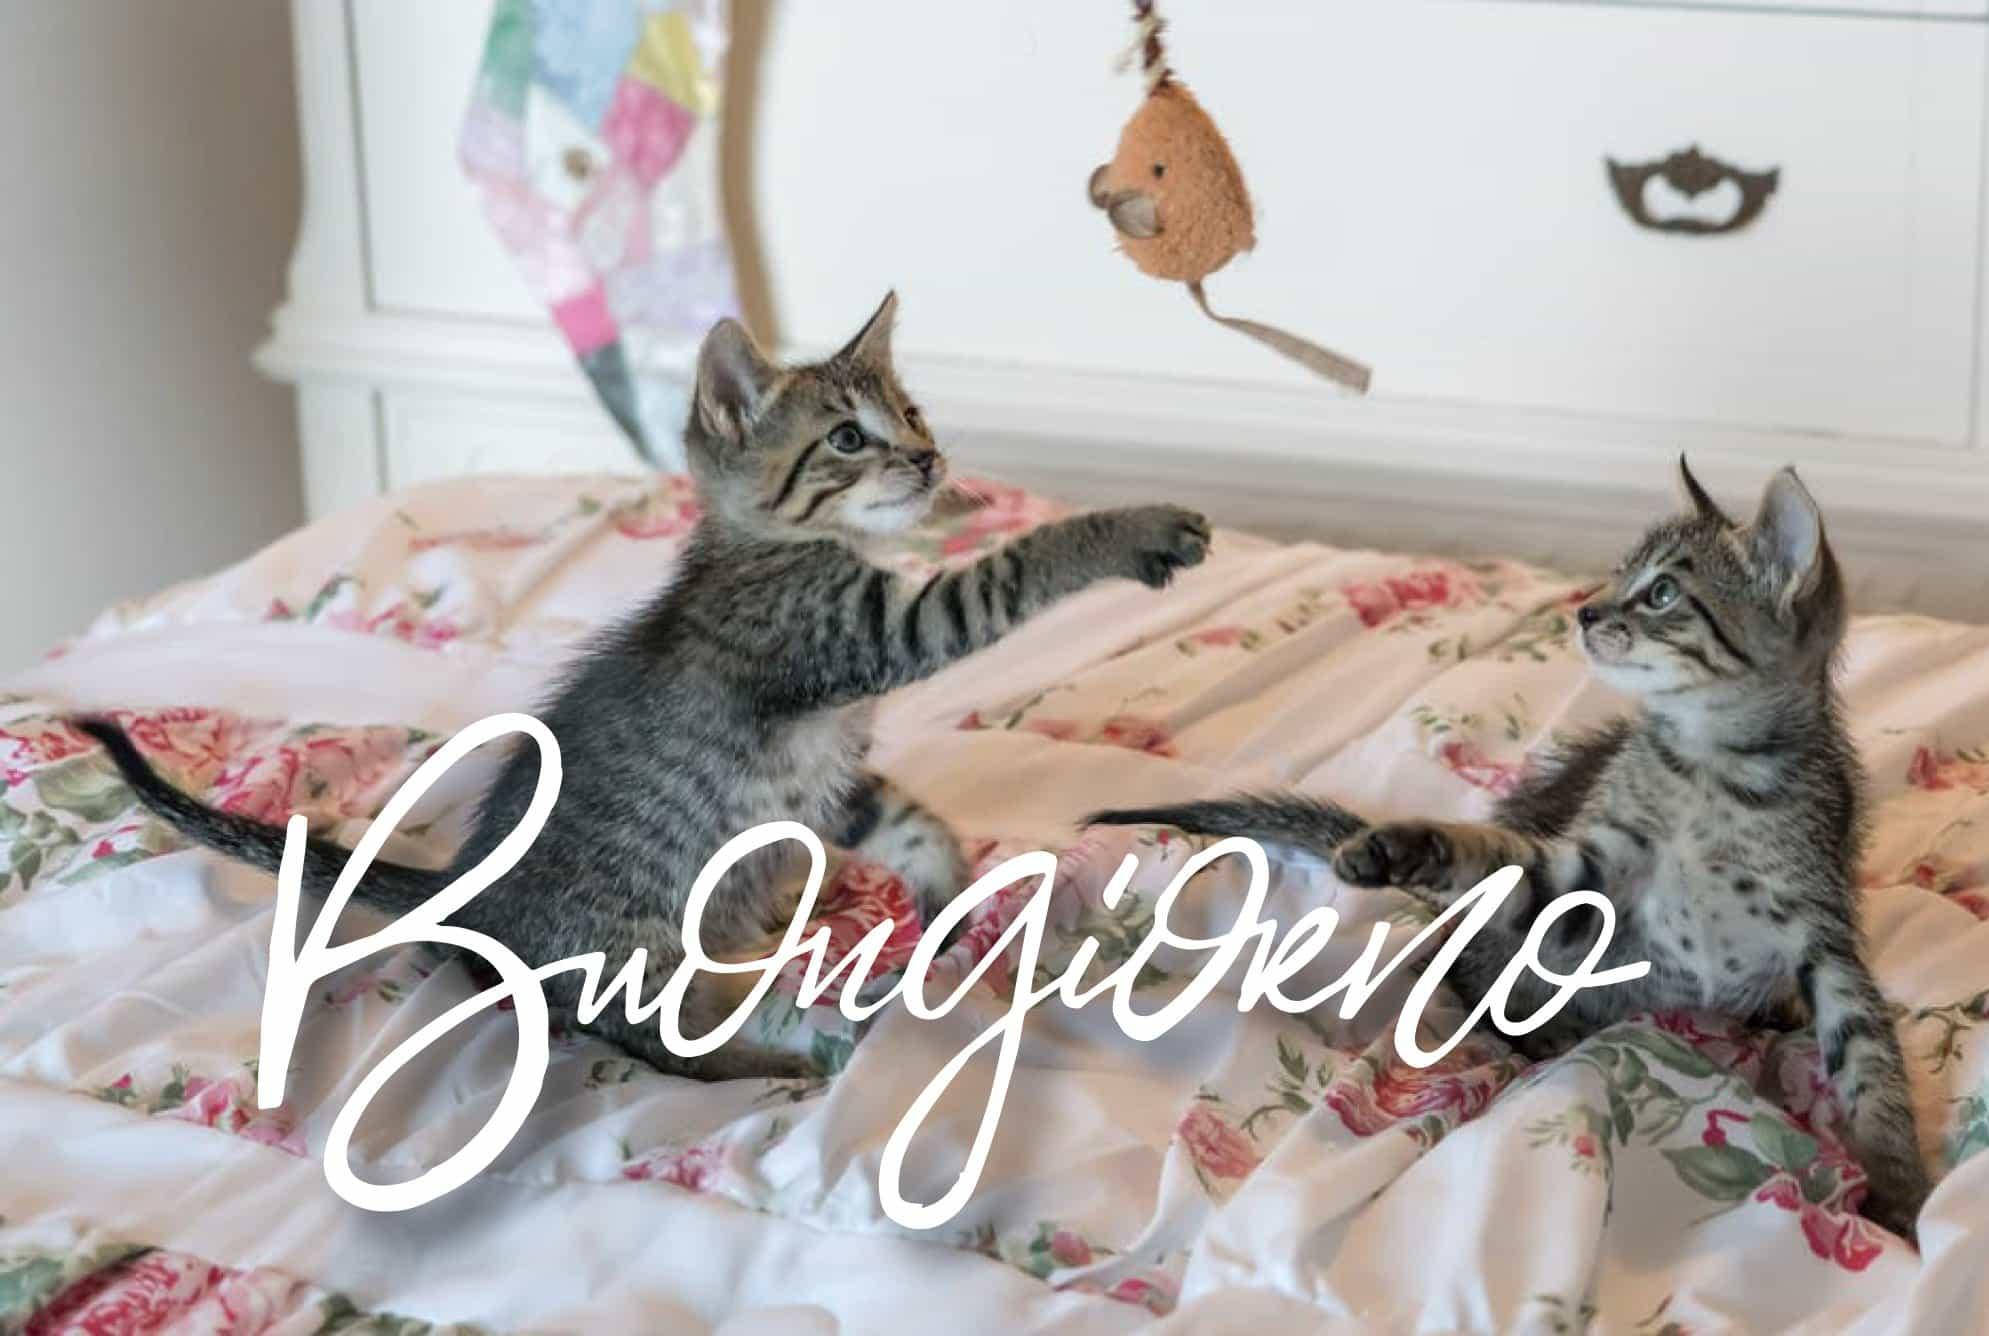 Buongiorno con gatto che sta giocando